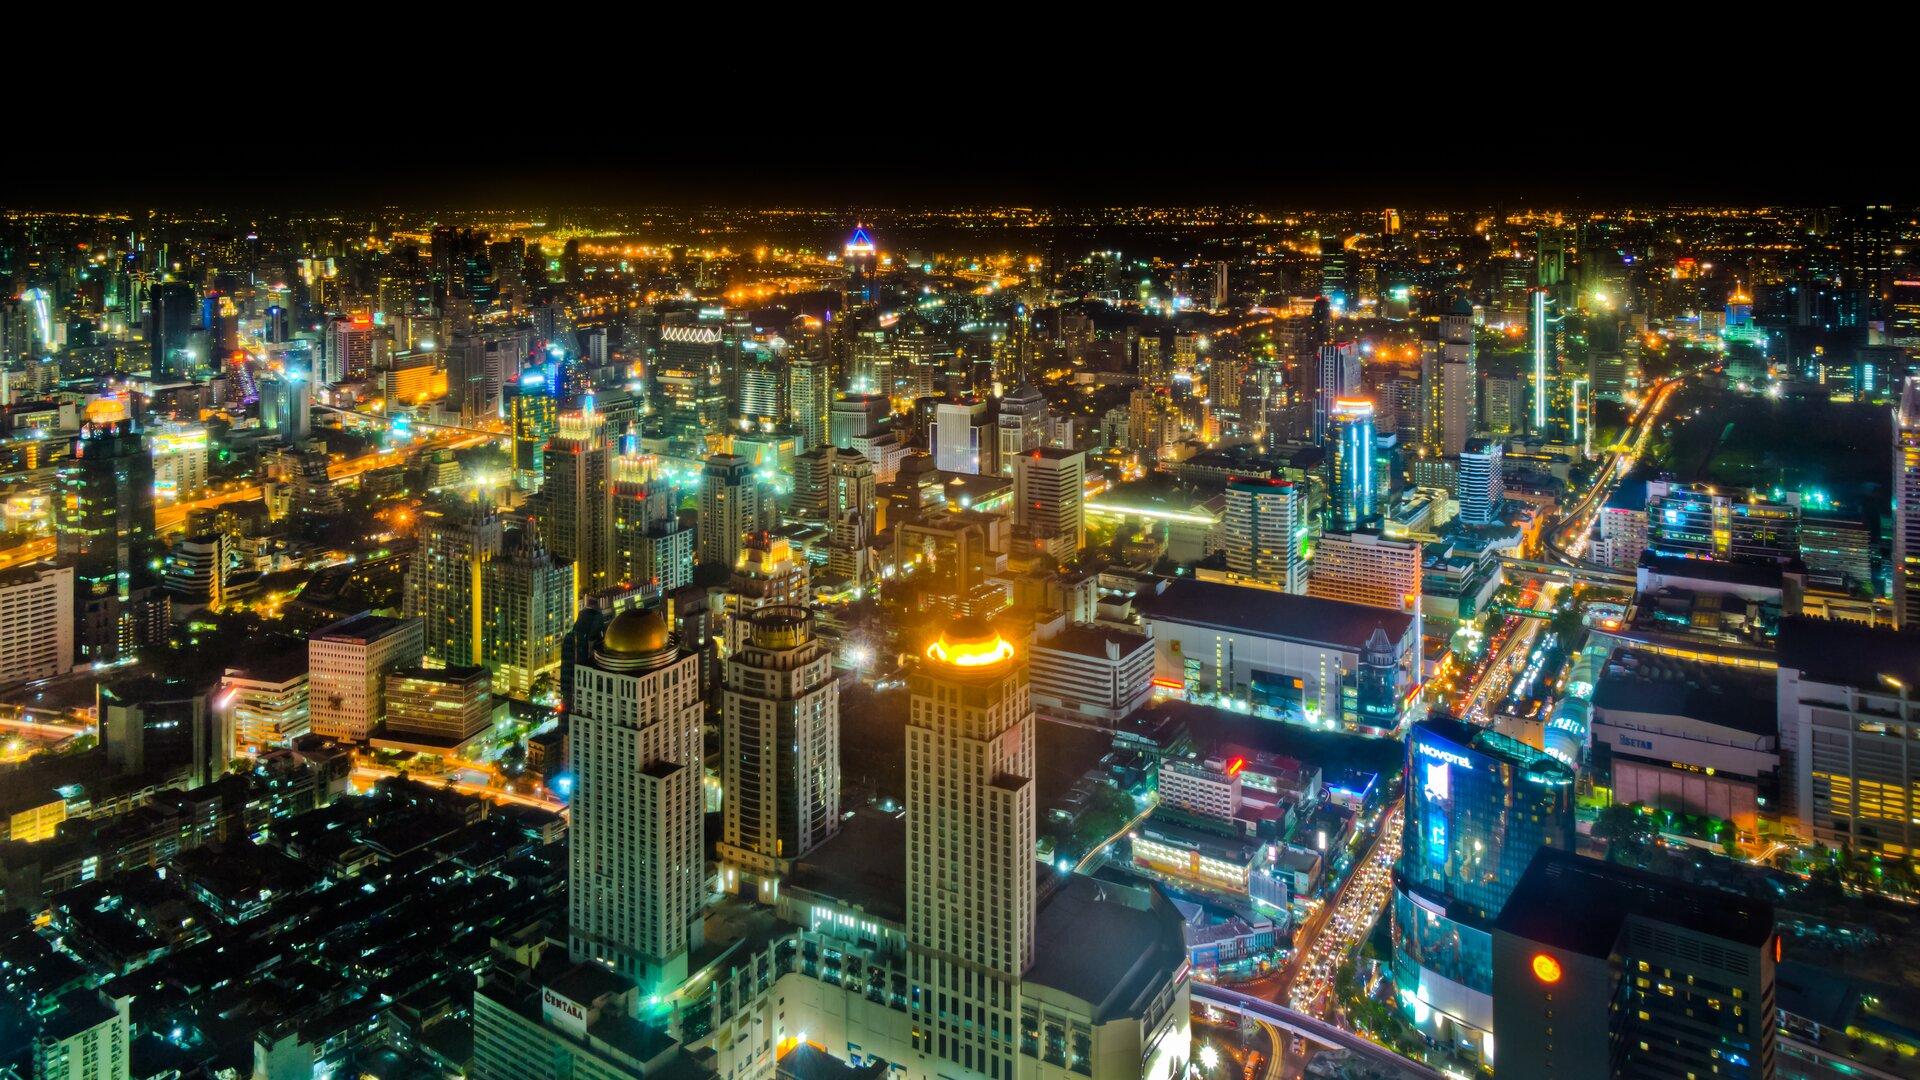 Na zdjęciu panoramicznym nowoczesna zabudowa. Noc, kolorowe światła.